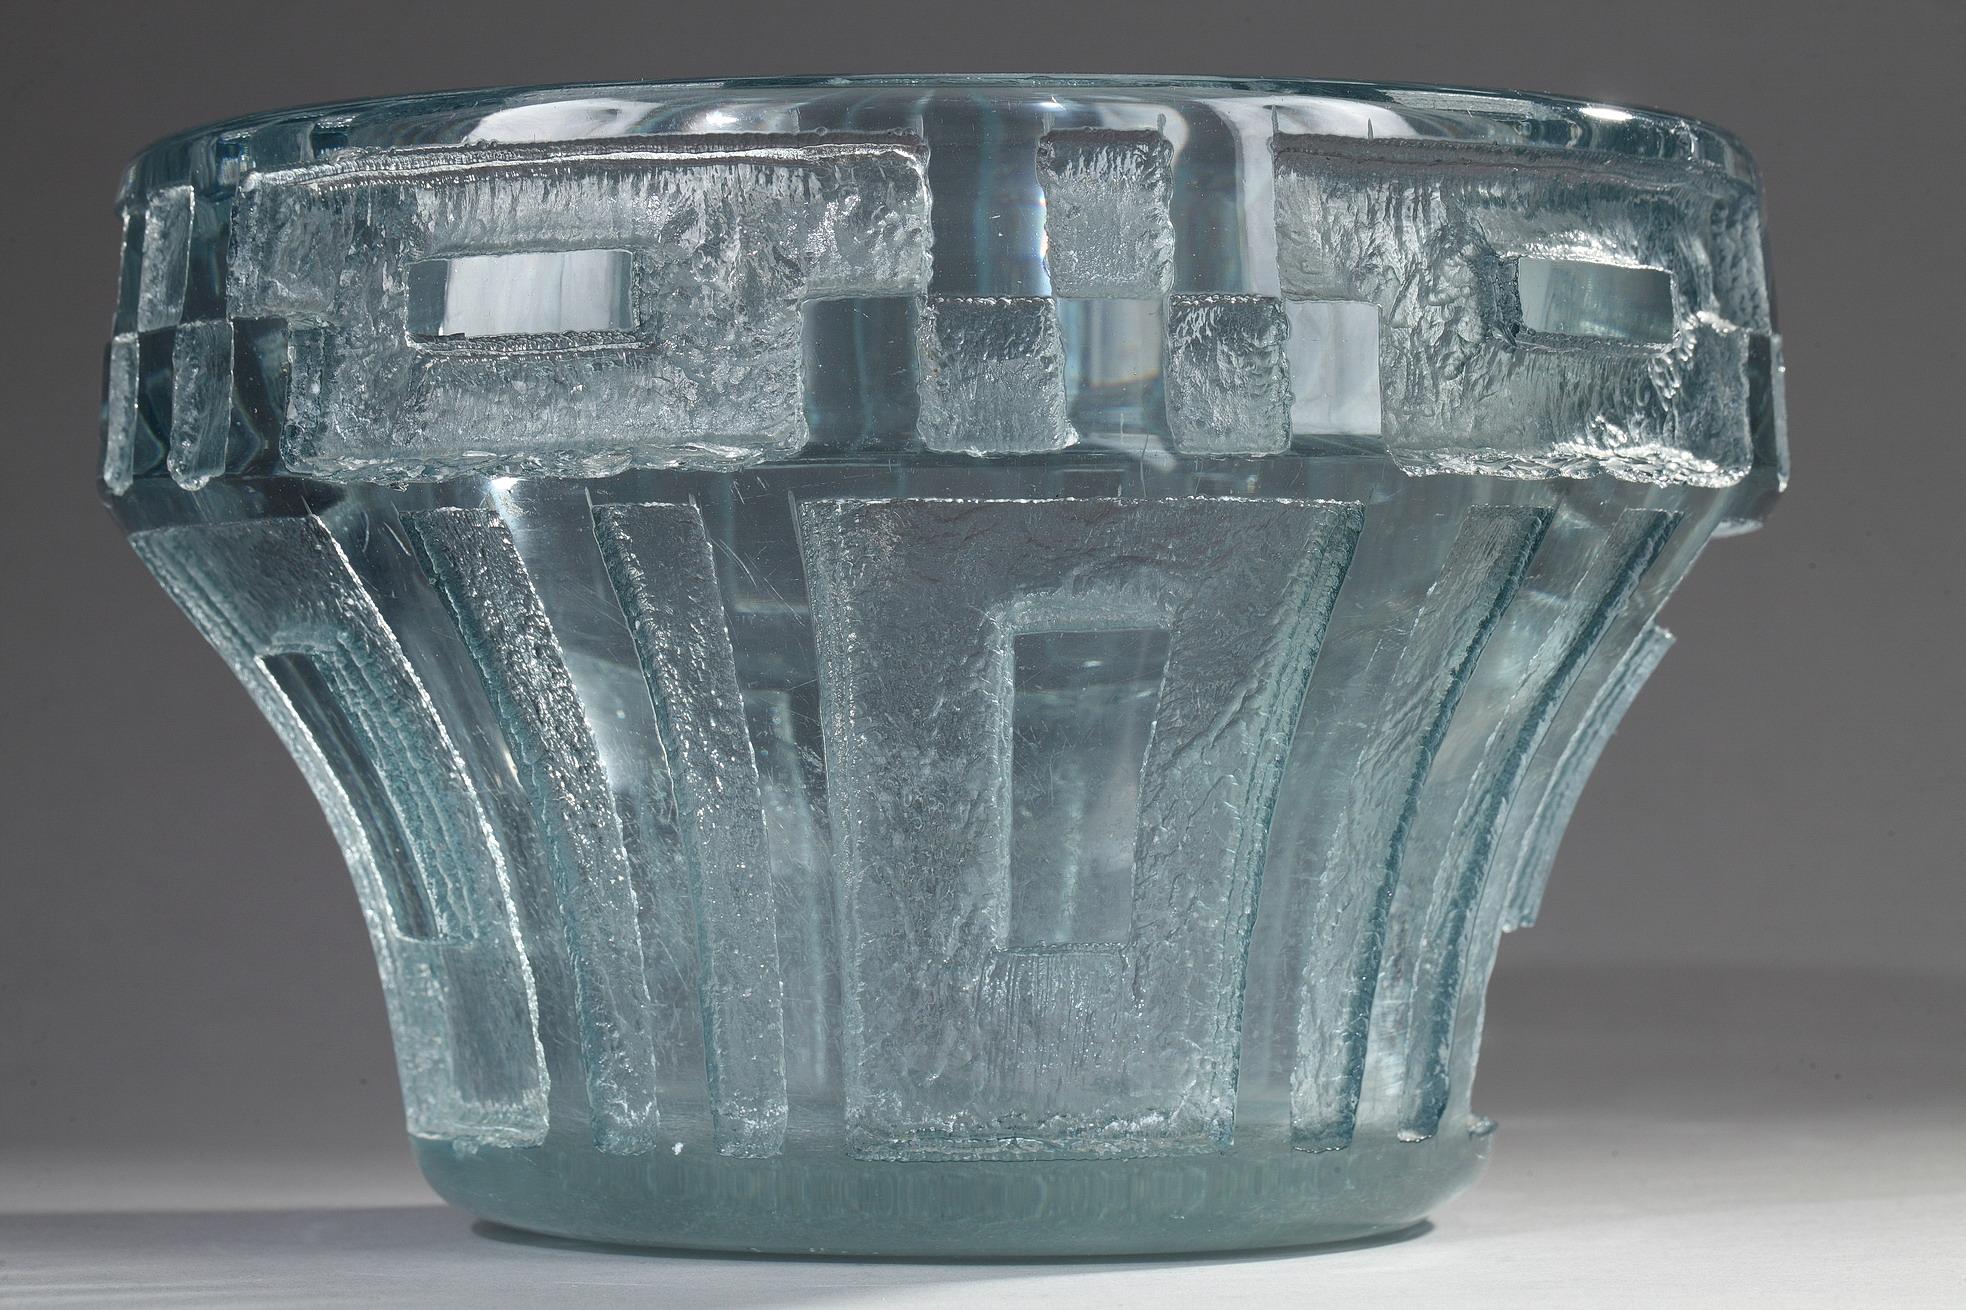 Daum, Vase à décor géométrique, Diam. 24 cm. sculptures, verreries - galerie Tourbillon, Paris